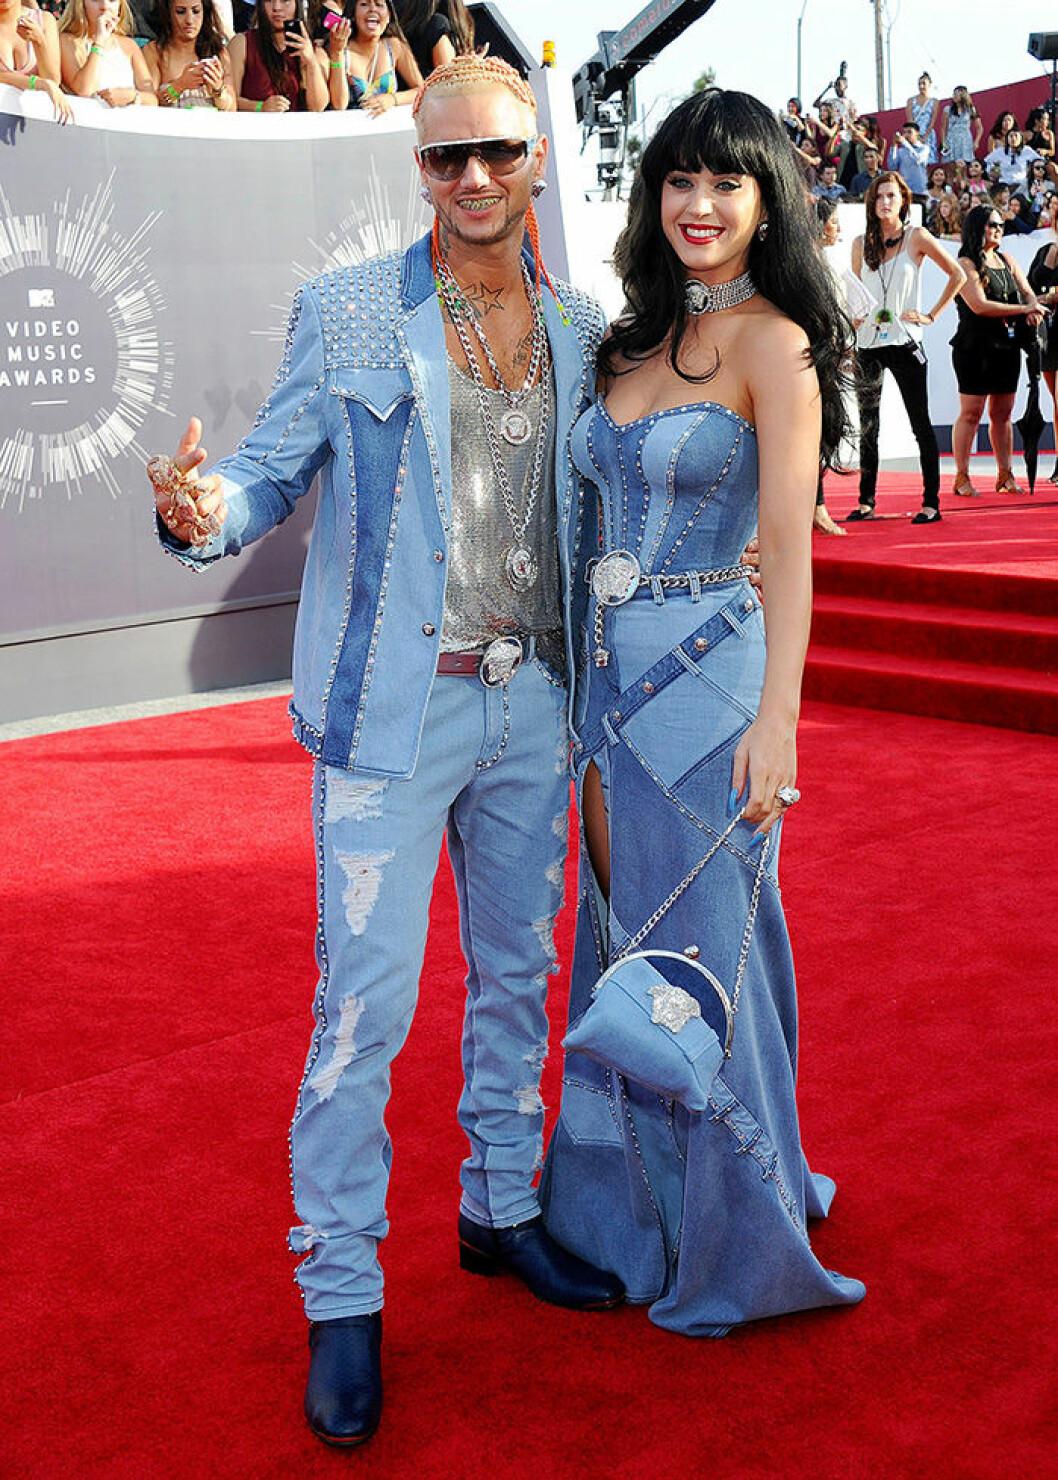 En bild på sångerskan Katy Perry och rapparen Riff Raff på MTV Video Music Awards 2014.